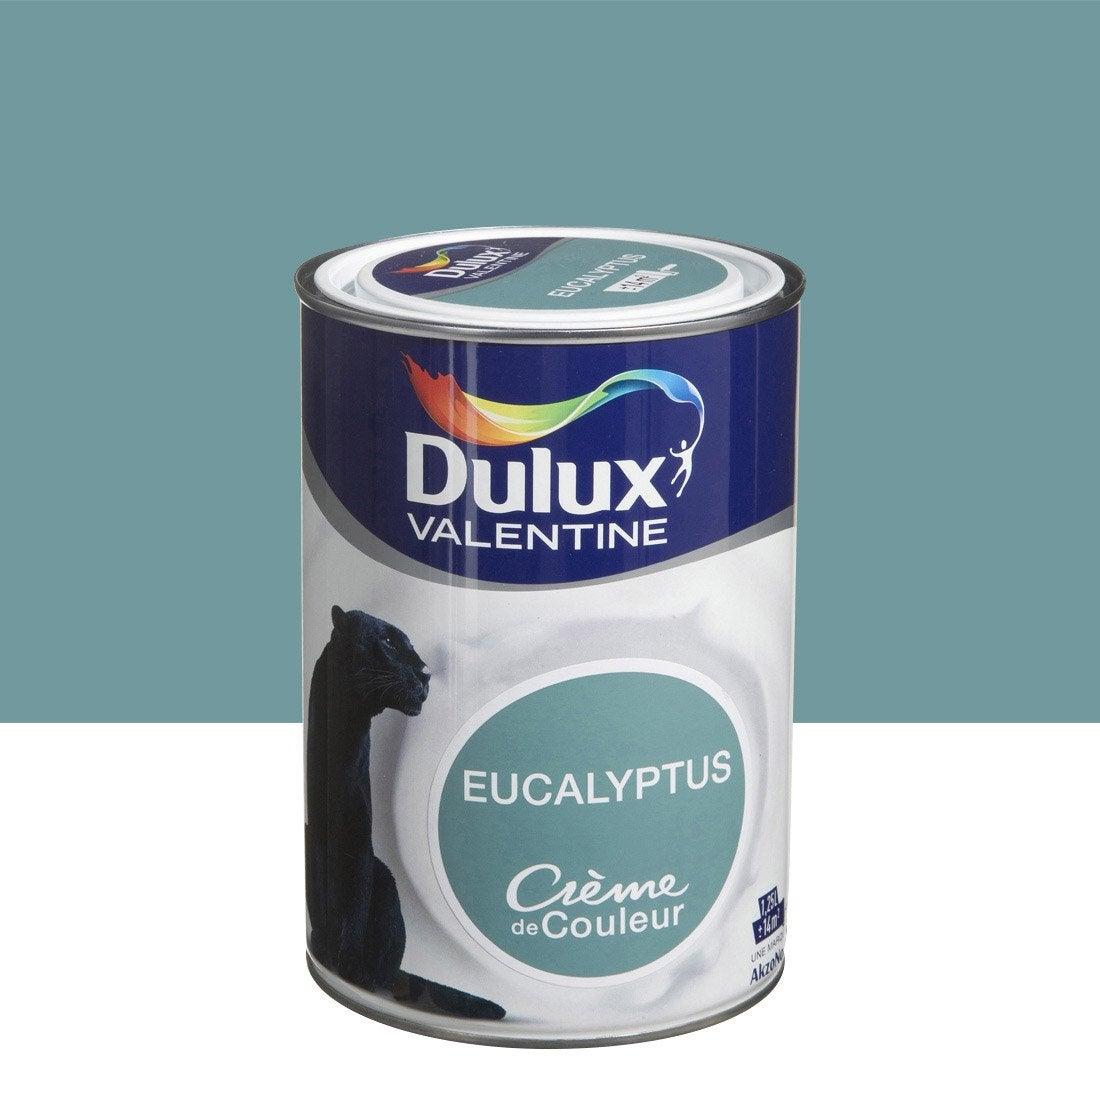 peinture vert eucalyptus dulux valentine cr me de couleur. Black Bedroom Furniture Sets. Home Design Ideas